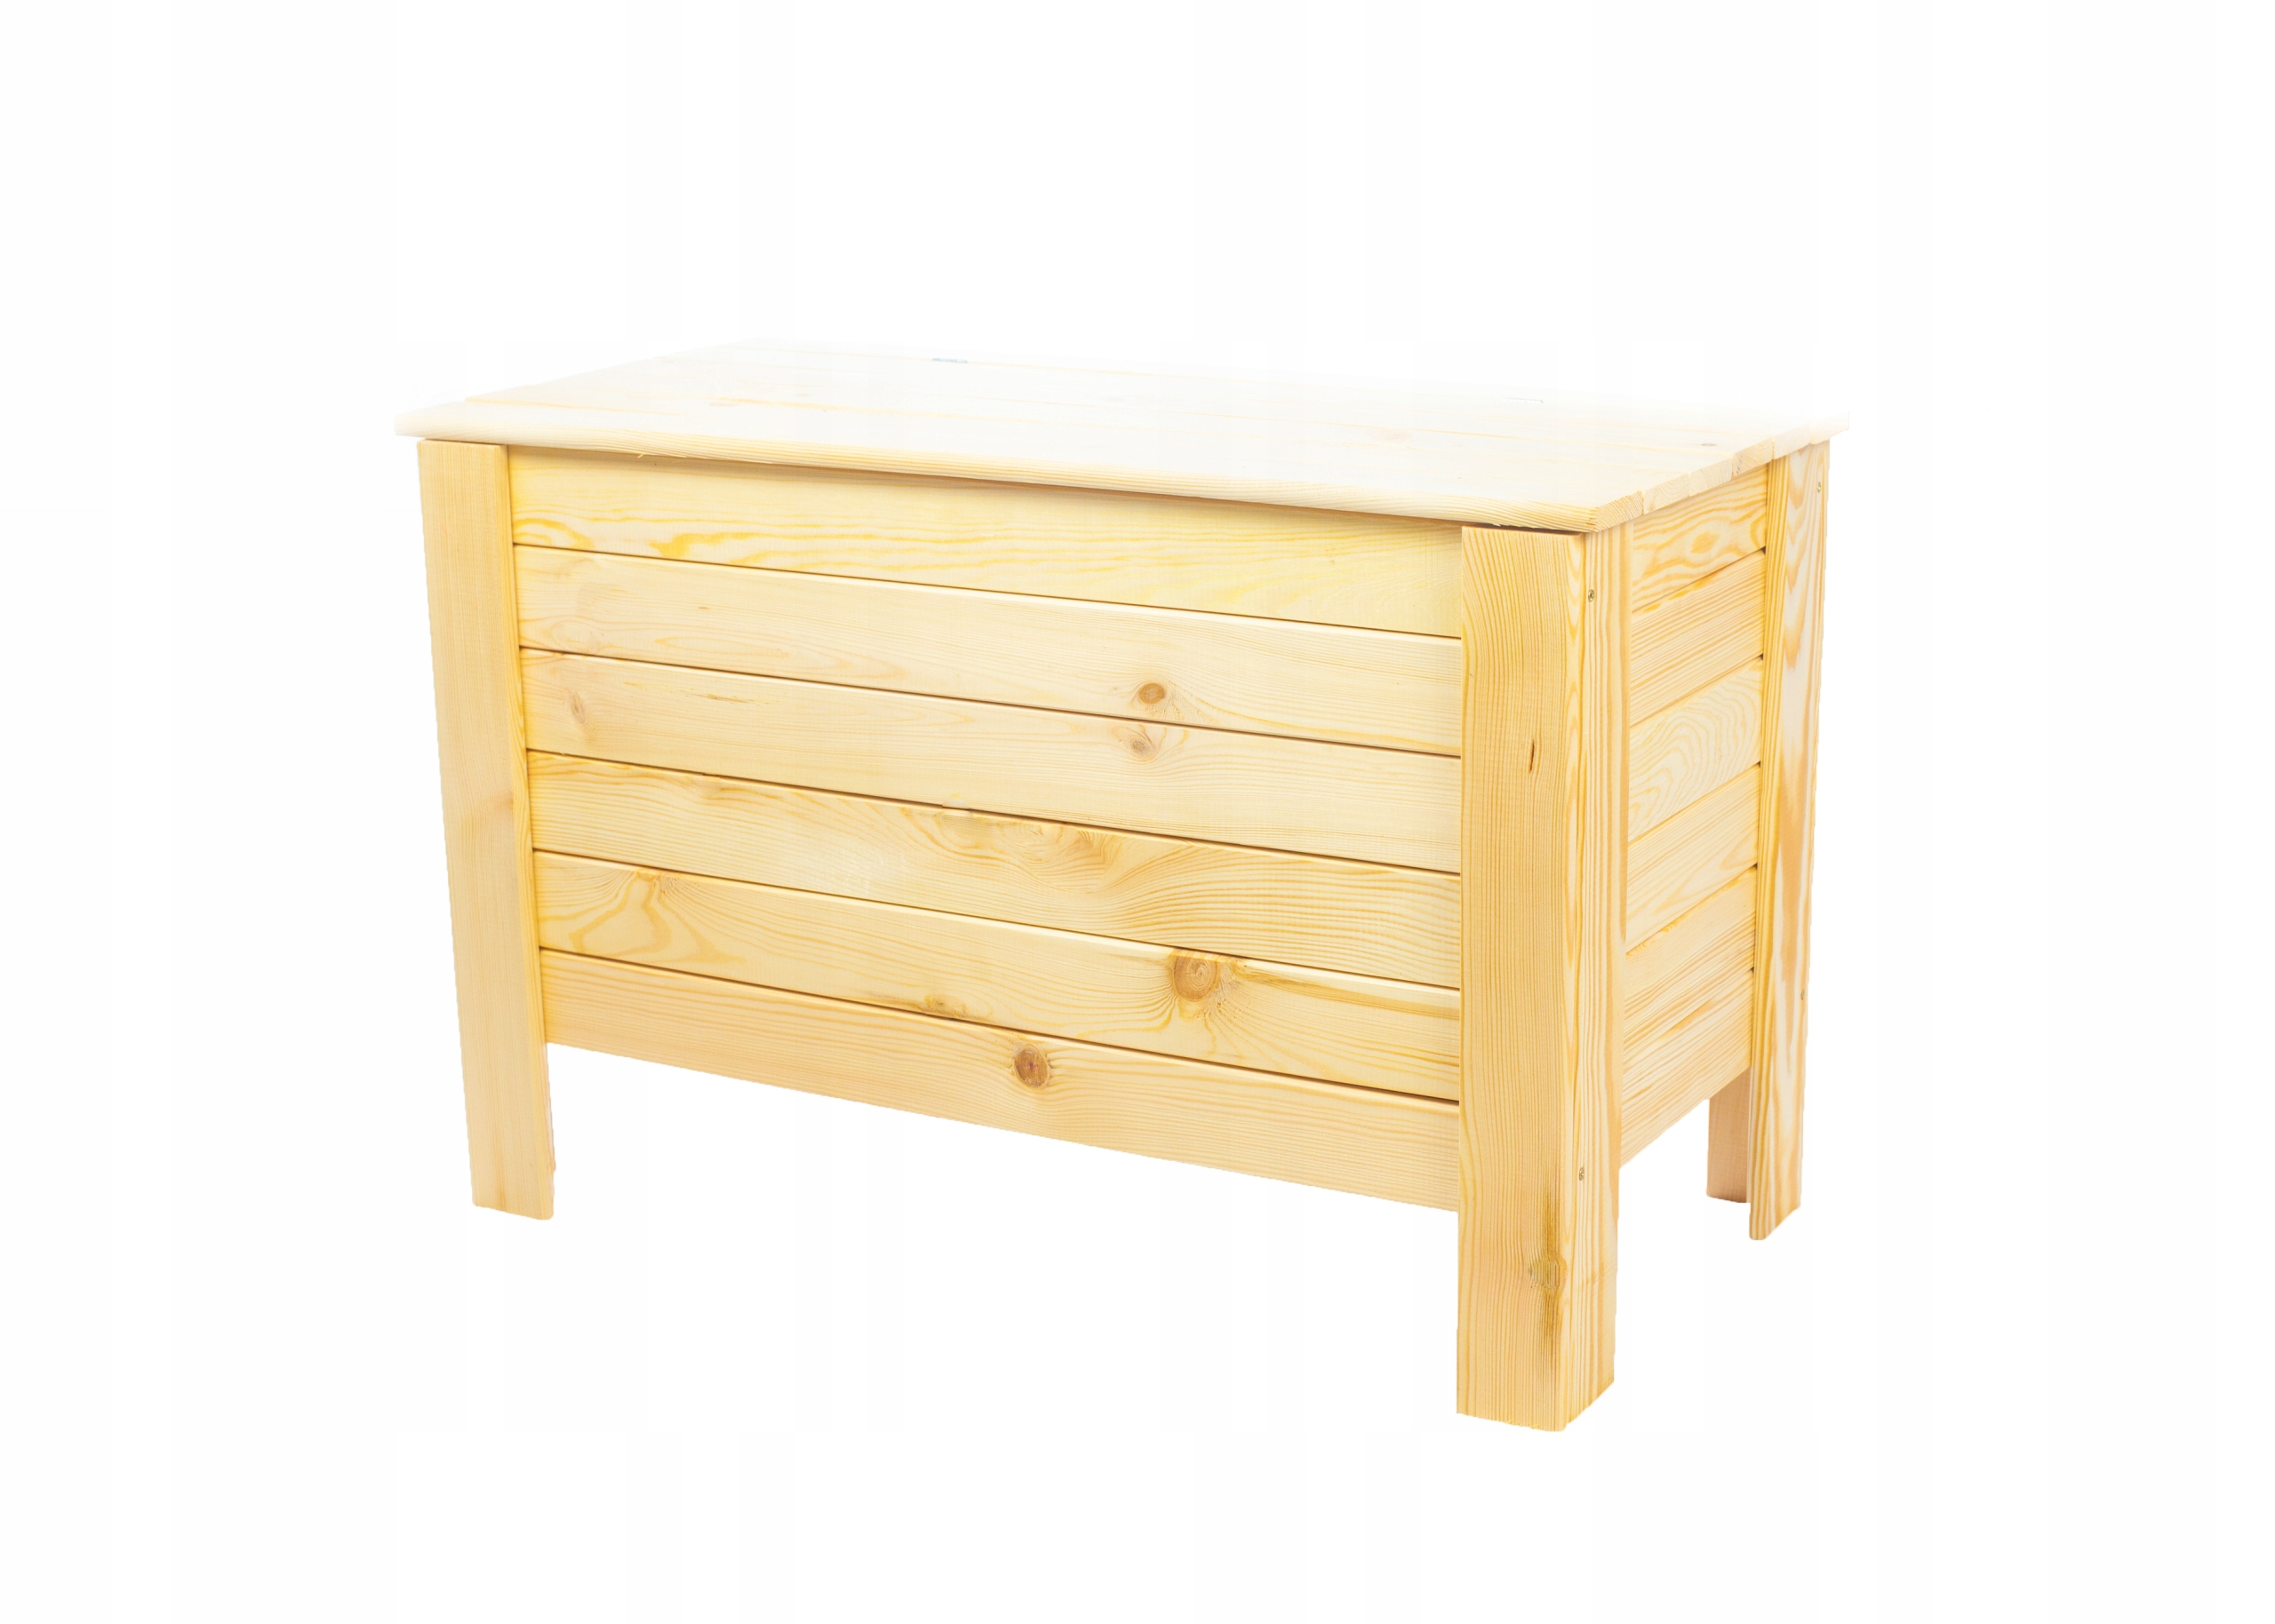 Skrzynia drewniana ogrodowa kufer pojemnik ławka